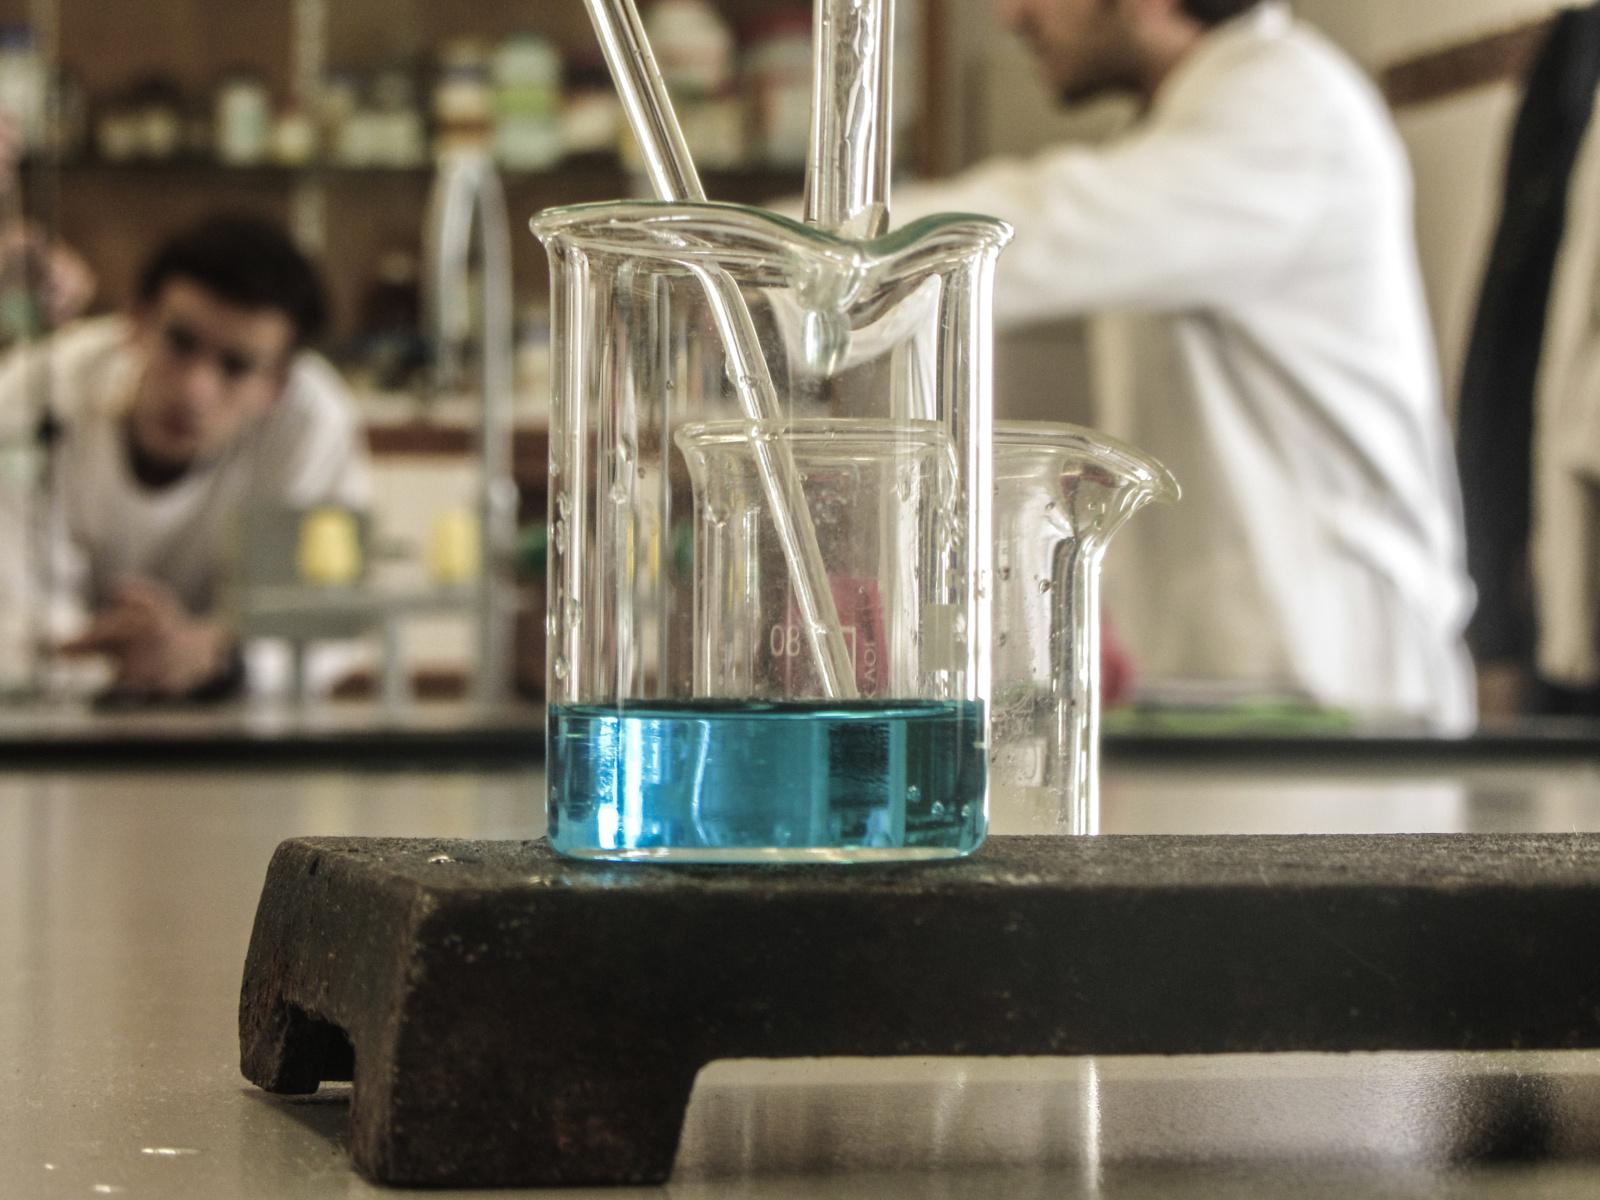 Gegužę ir birželį universitetai atveria laboratorijas moksleiviams